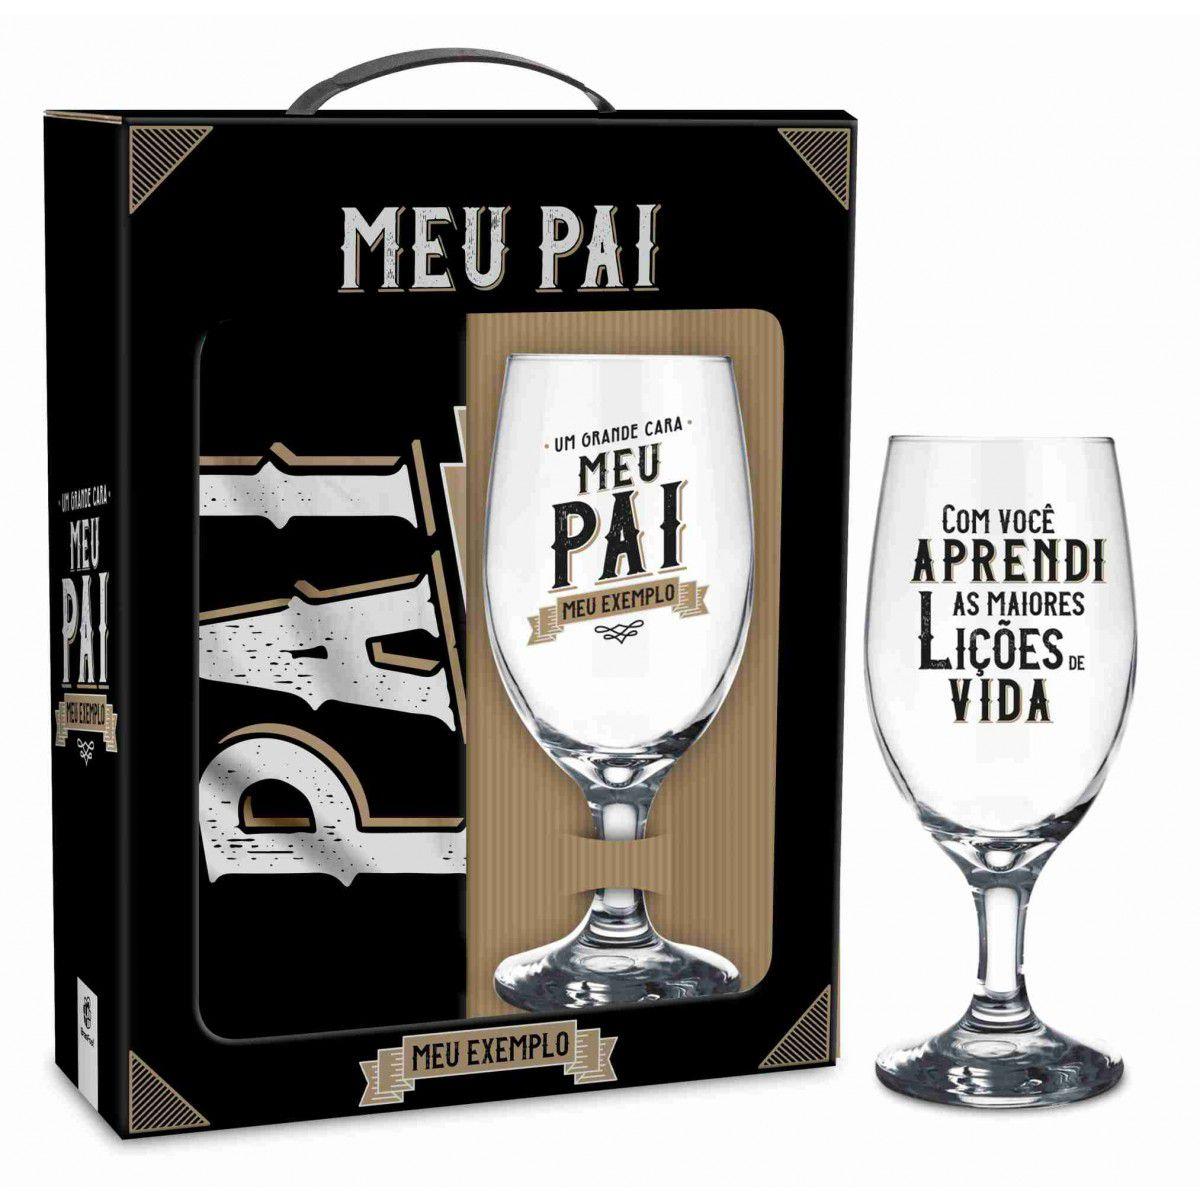 Conjunto Taça Windsor + Avental Pai Meu Exemplo Presente Brasfoot